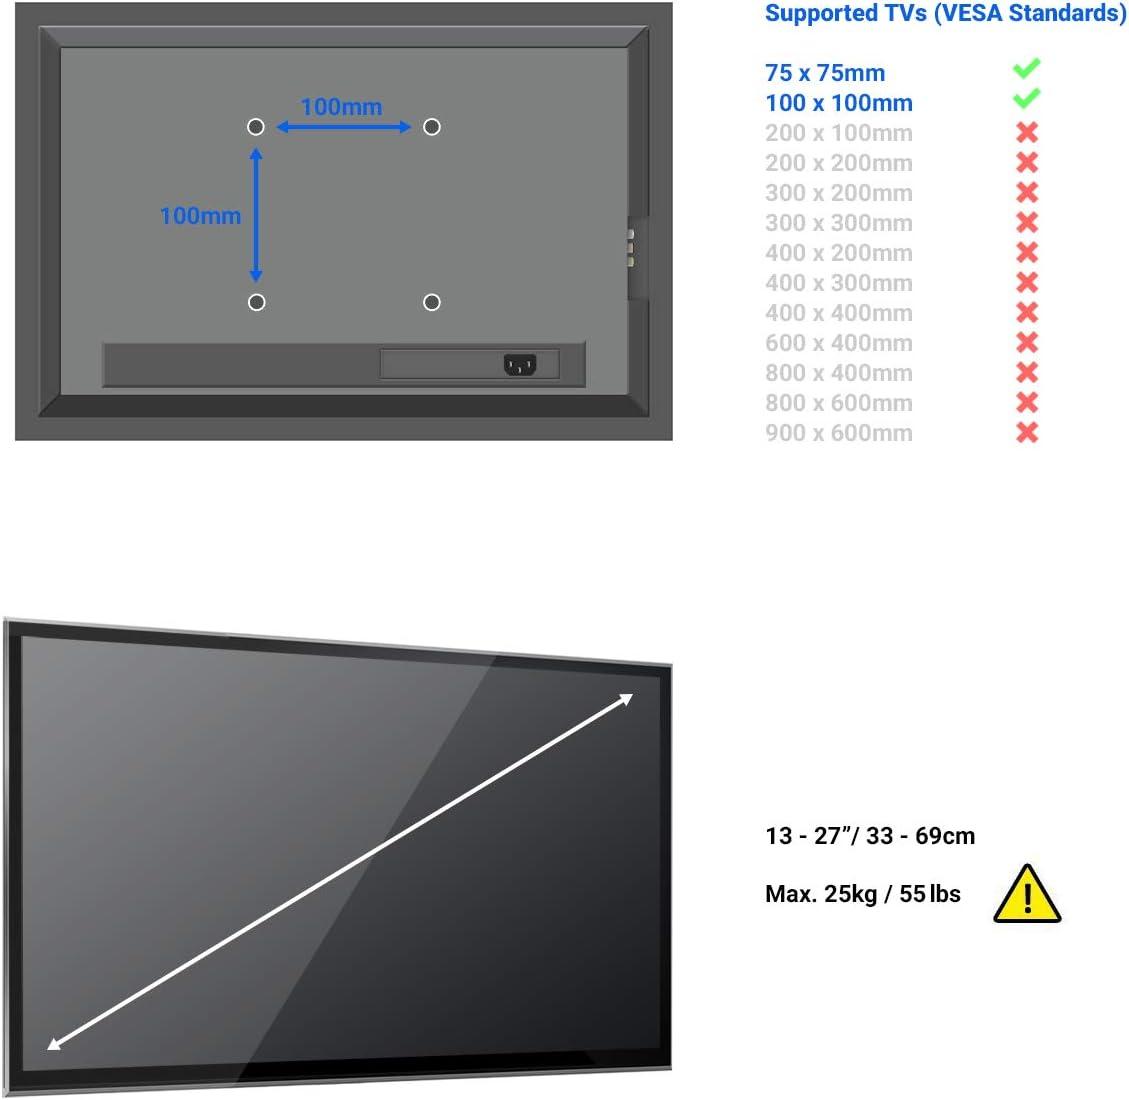 13-27 Pollici 33-69cm deleyCON Universal Supporto a Muro per TV /& Monitor - Fino a 25Kg /& VESA 100x100mm Distanza dal Muro Solo 36mm Inclinabile